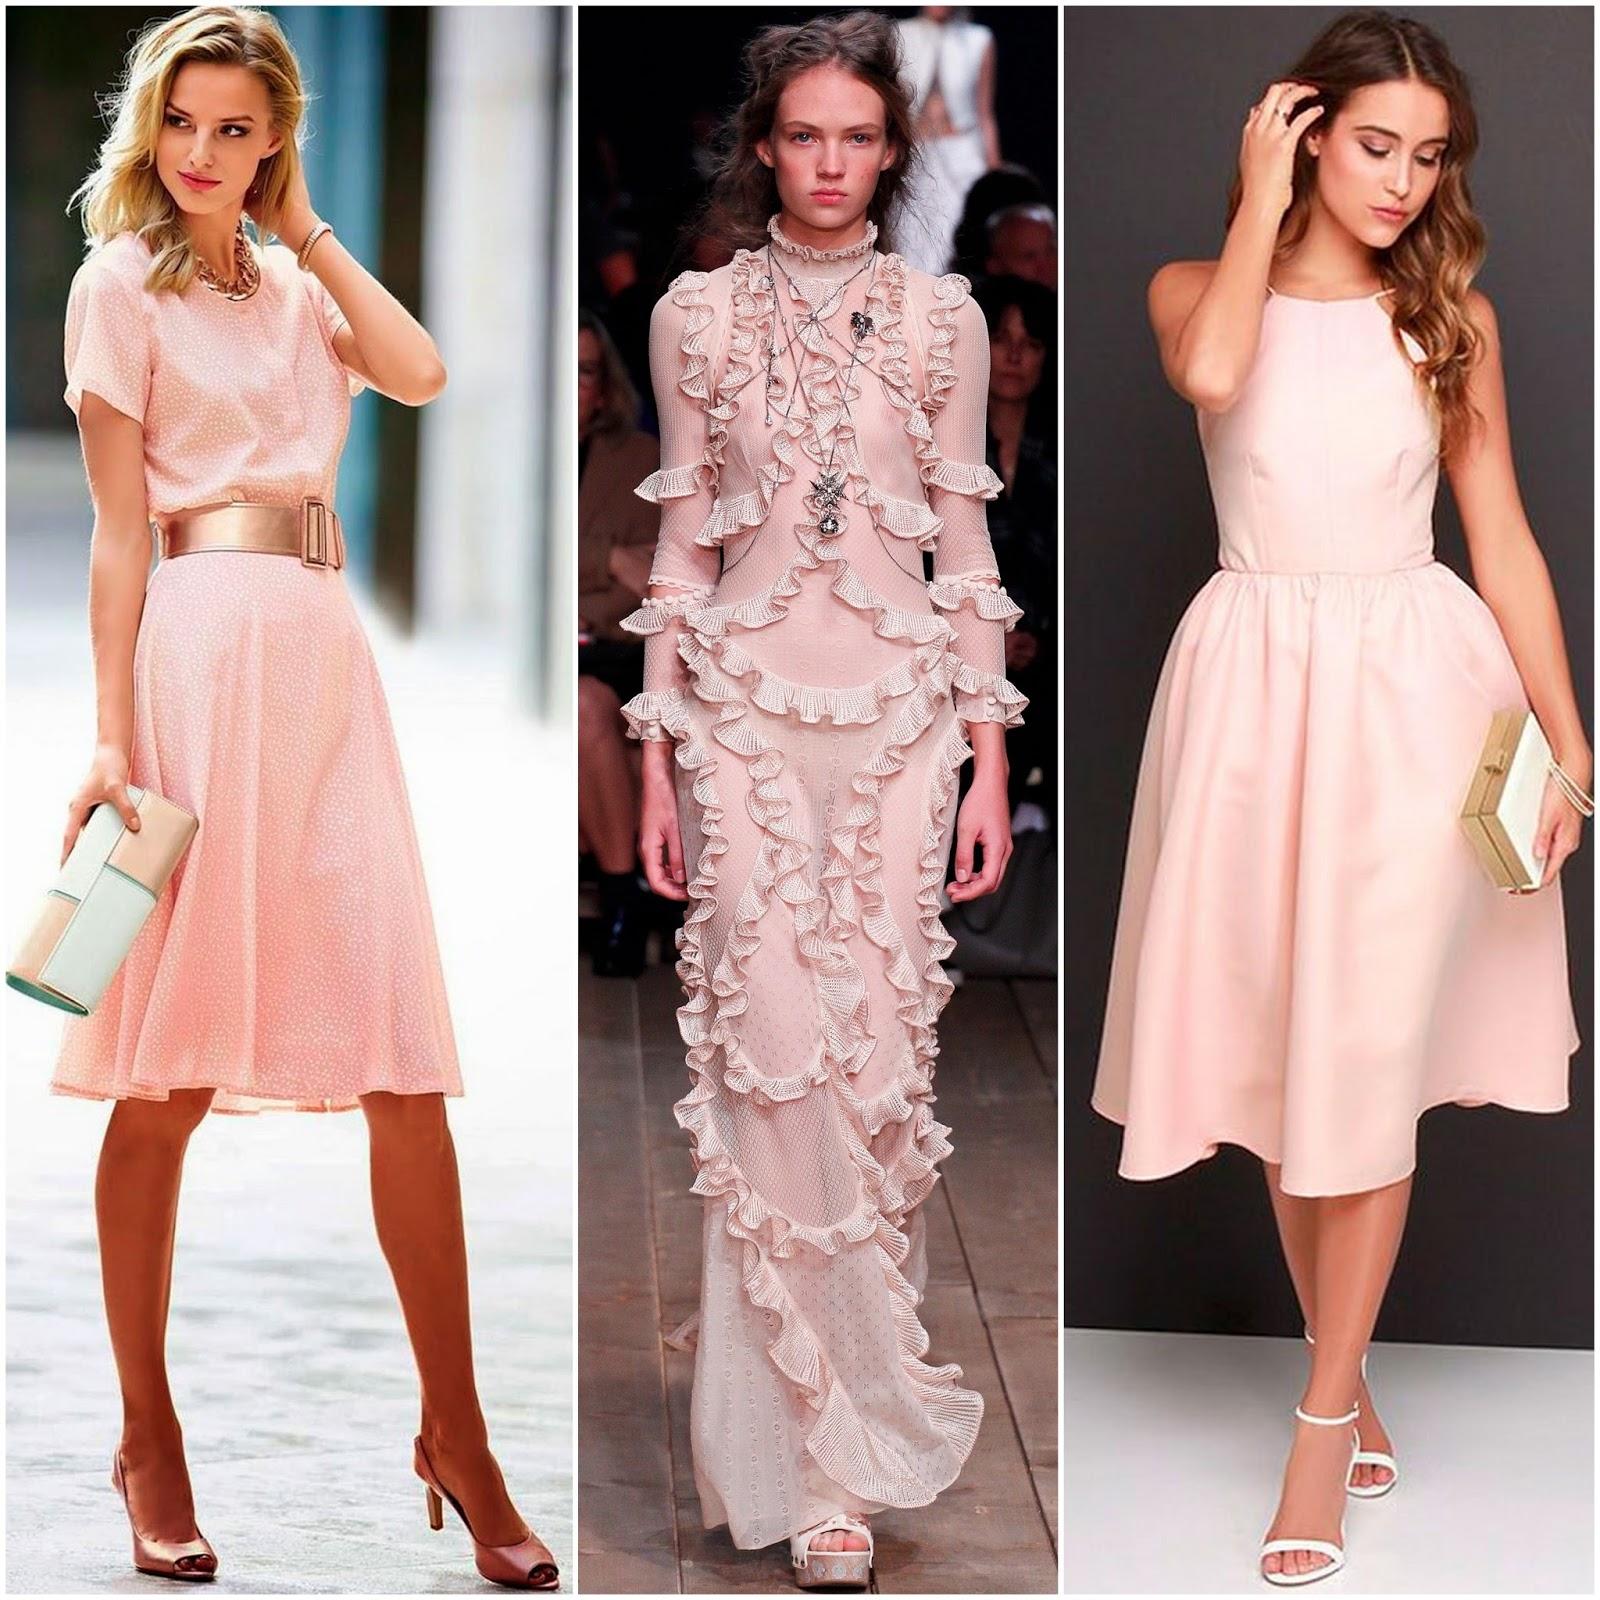 сочетание платья цвета пудры с туфлями фото если правильно помню